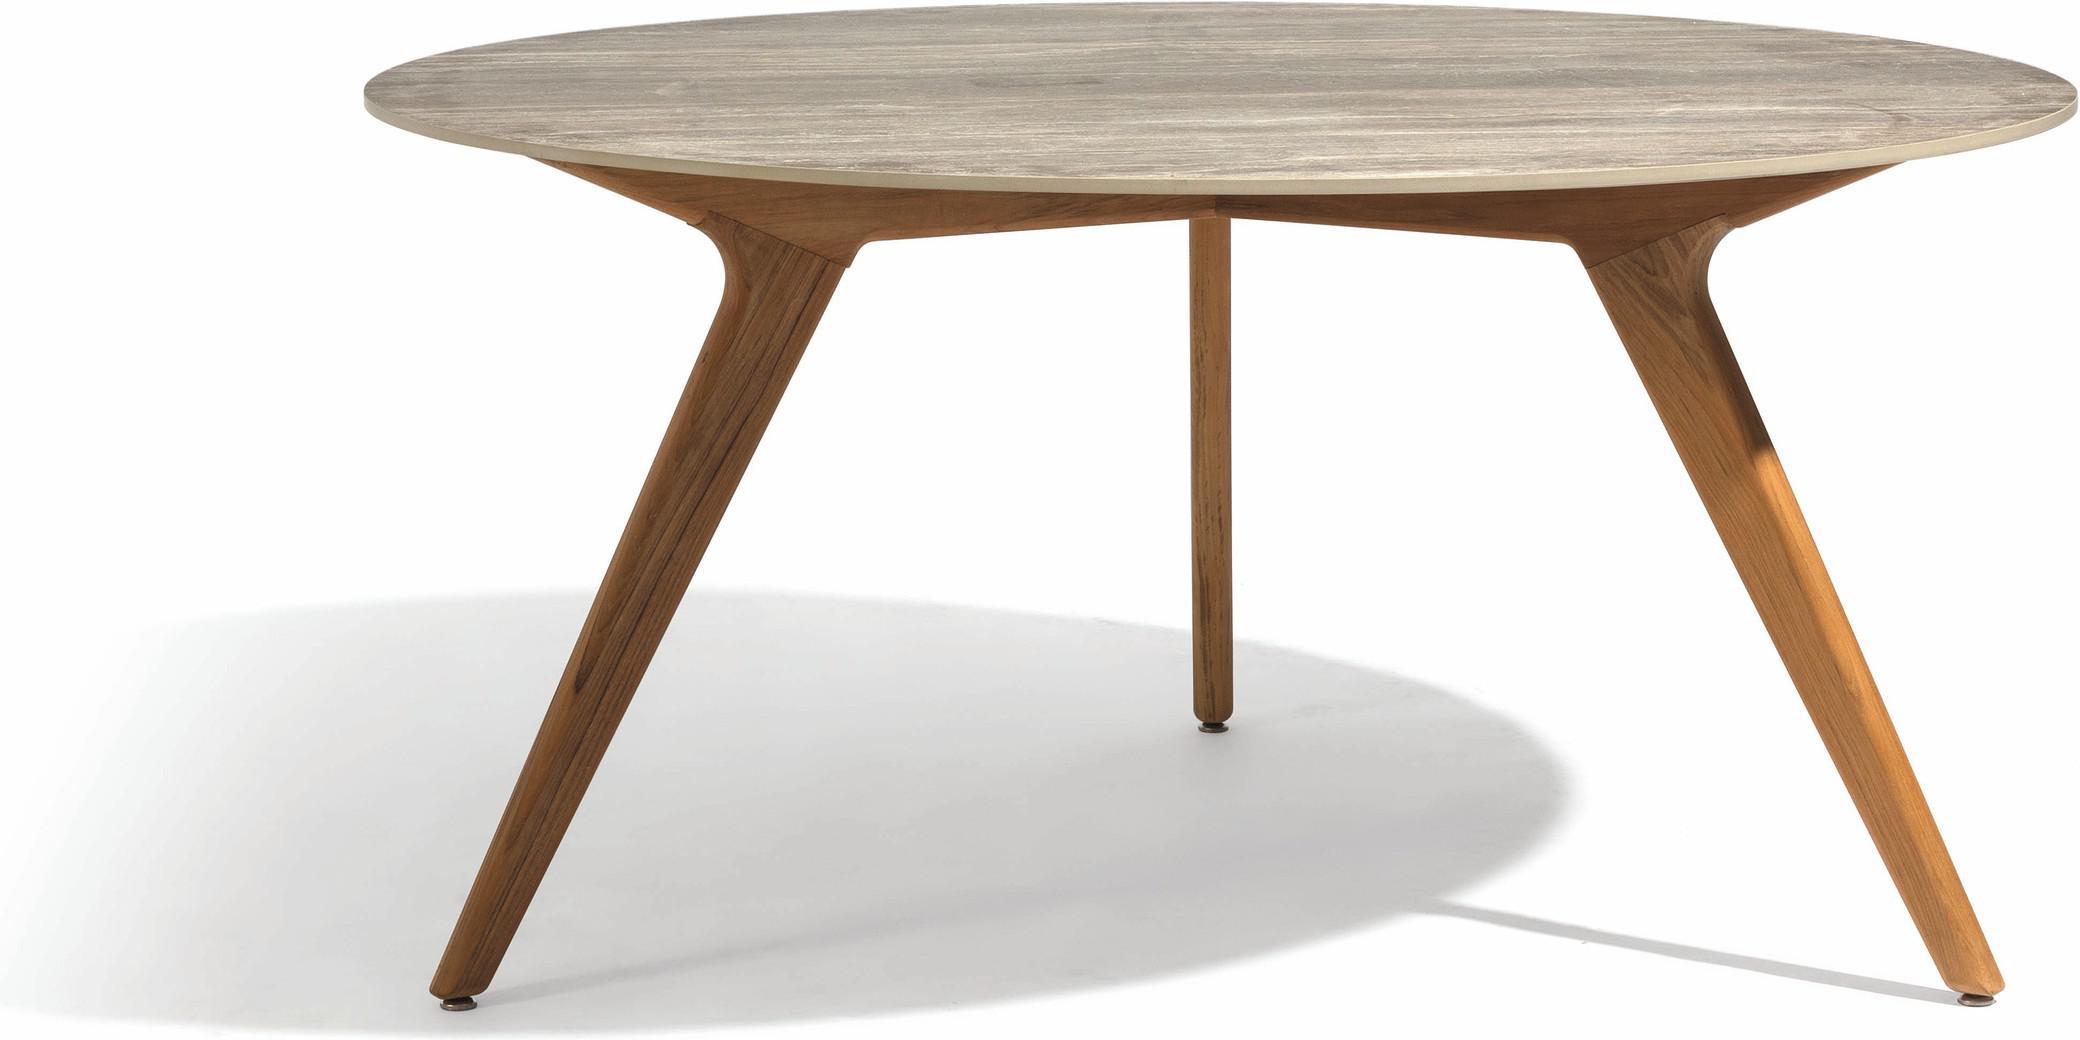 Torsa Dining table - Teak - CT 148